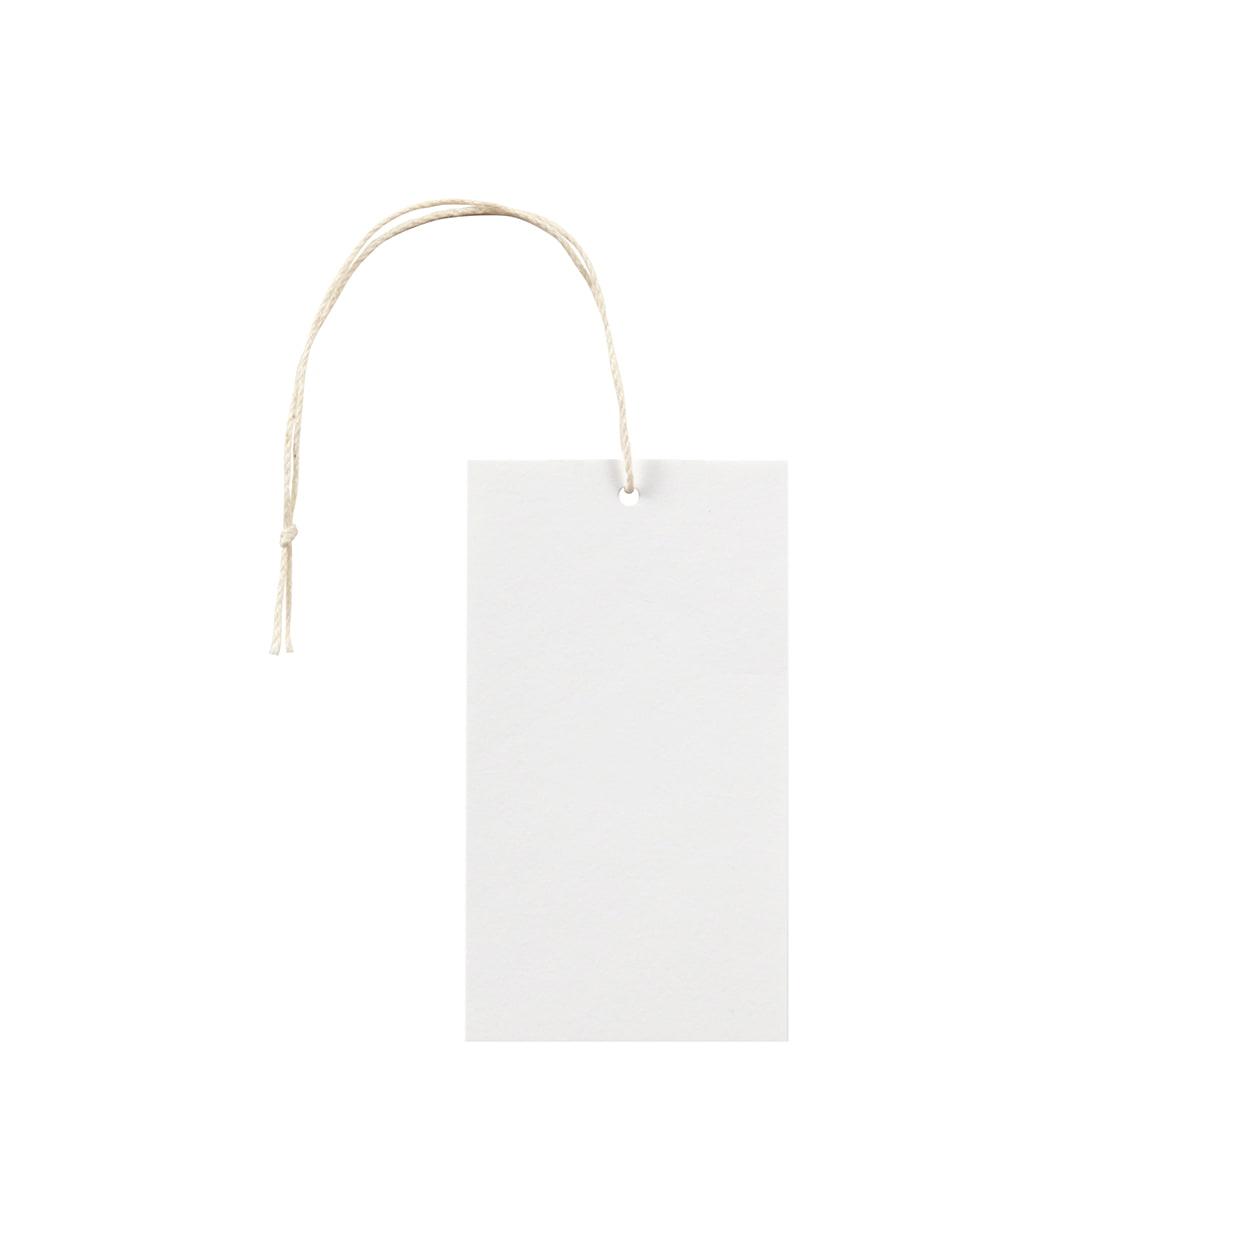 タグ50×90四角形 コットンスノーホワイト 232.8g タグ紐(細)コットン生成